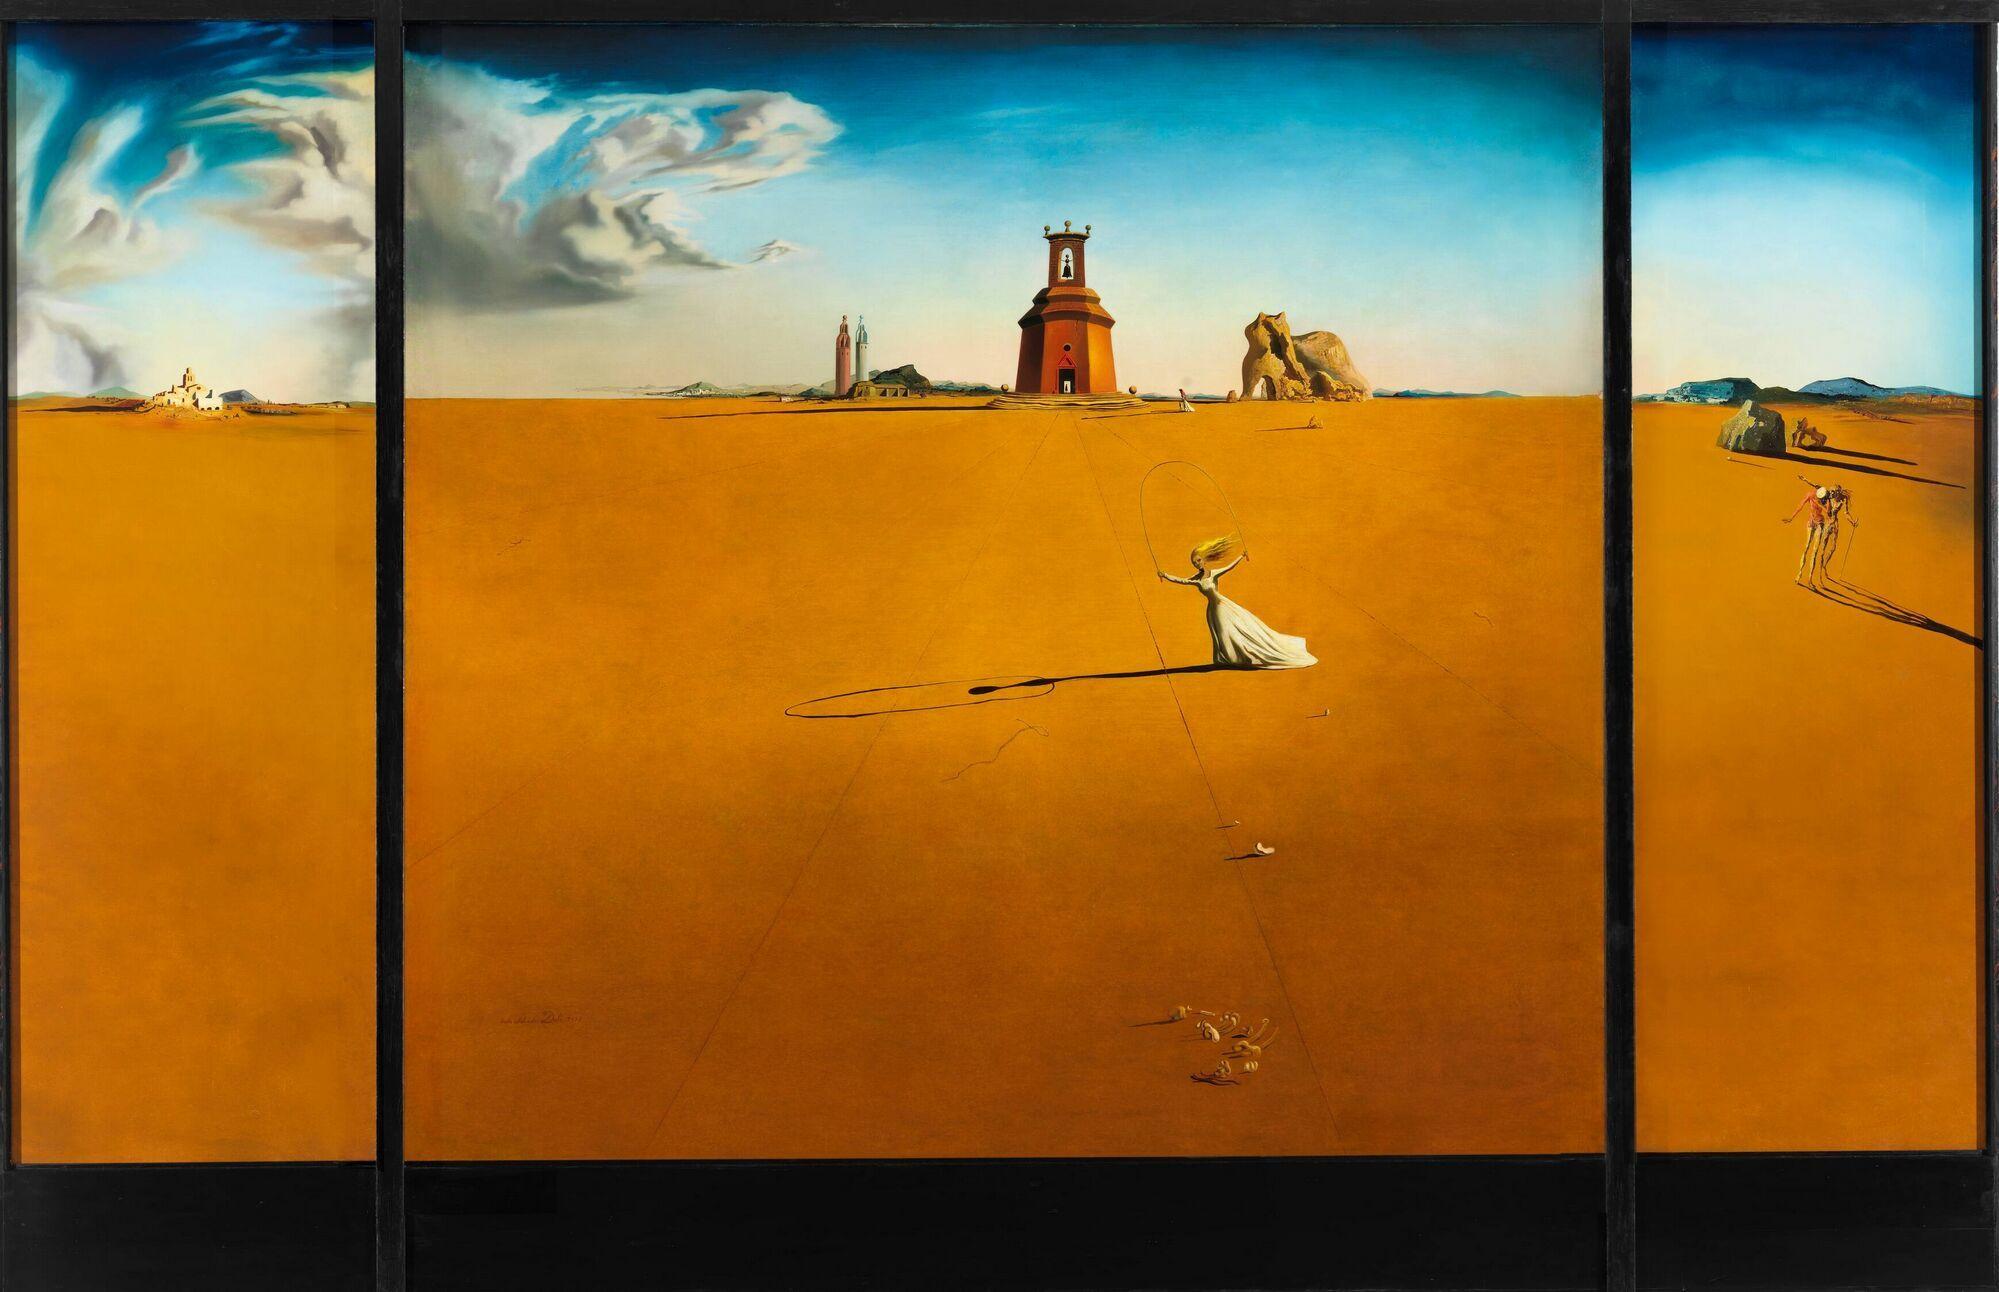 Salvador Dali Landschap Met Een Meisje Dat Touwtje Springt 1936 Salvador Dali Dali Paintings Alice S Adventures In Wonderland